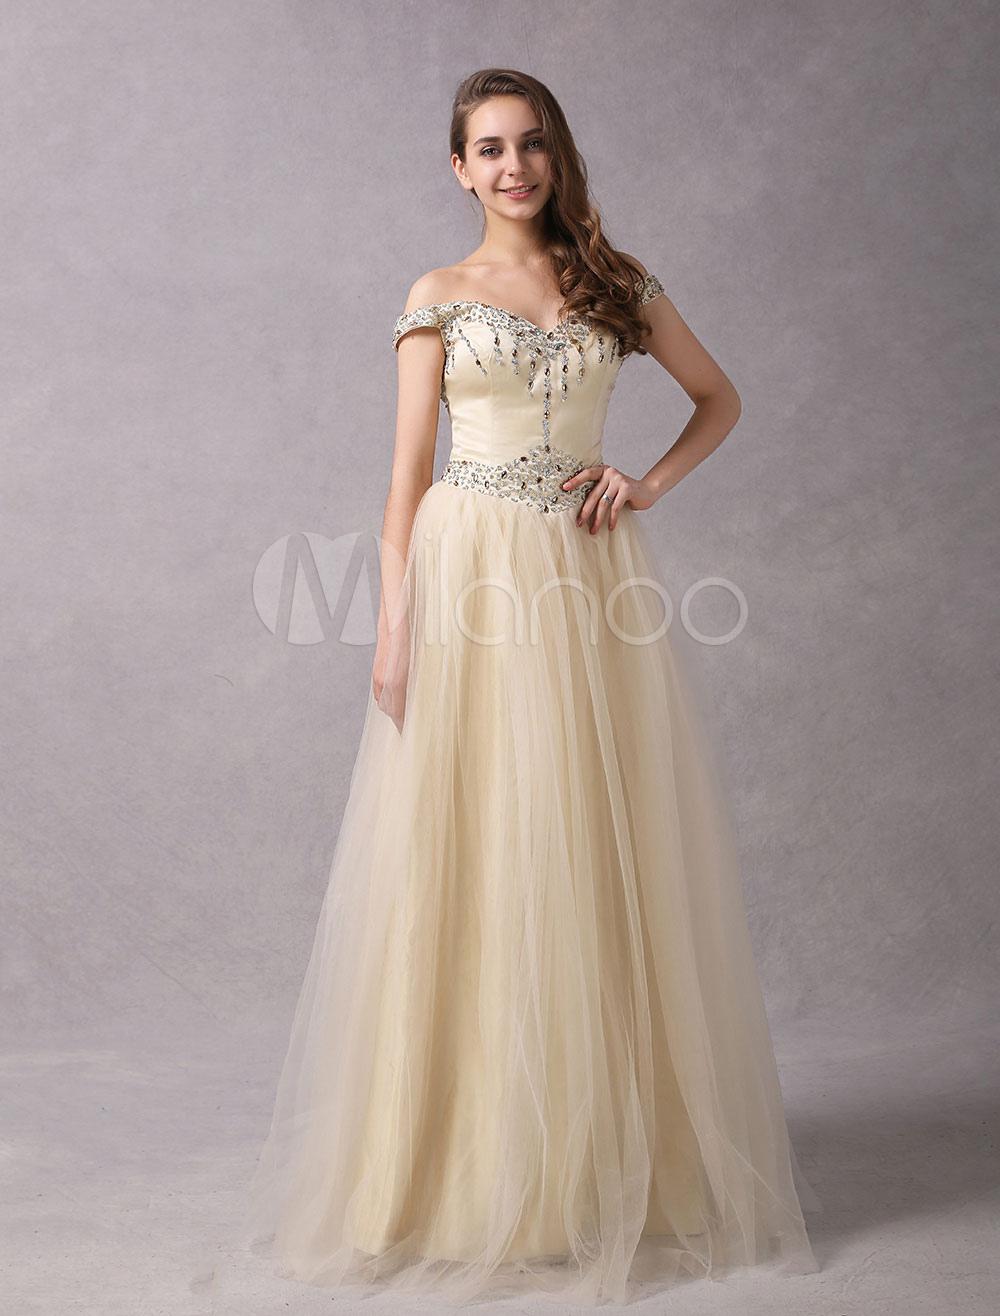 best supplier a few days away great deals Abiti da sposa champagne off spalla in rilievo color tulle maxi abiti da  sposa